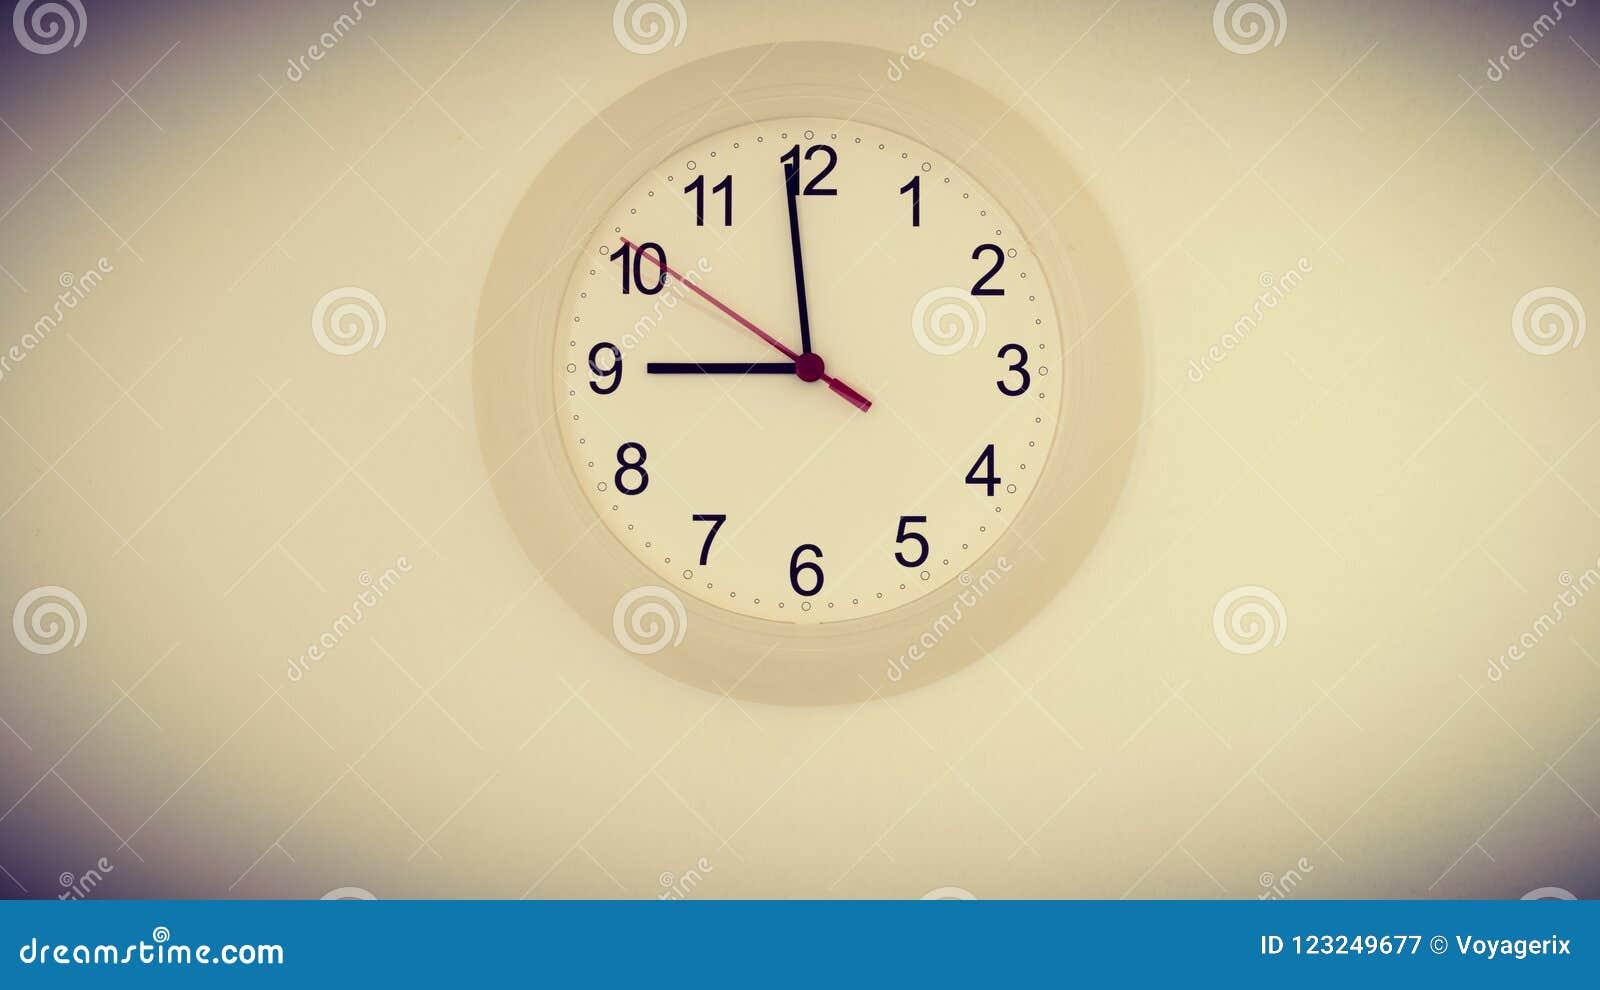 Uhr Auf Der Wand, Die Neun Stunden Zeigt Stockbild - Bild